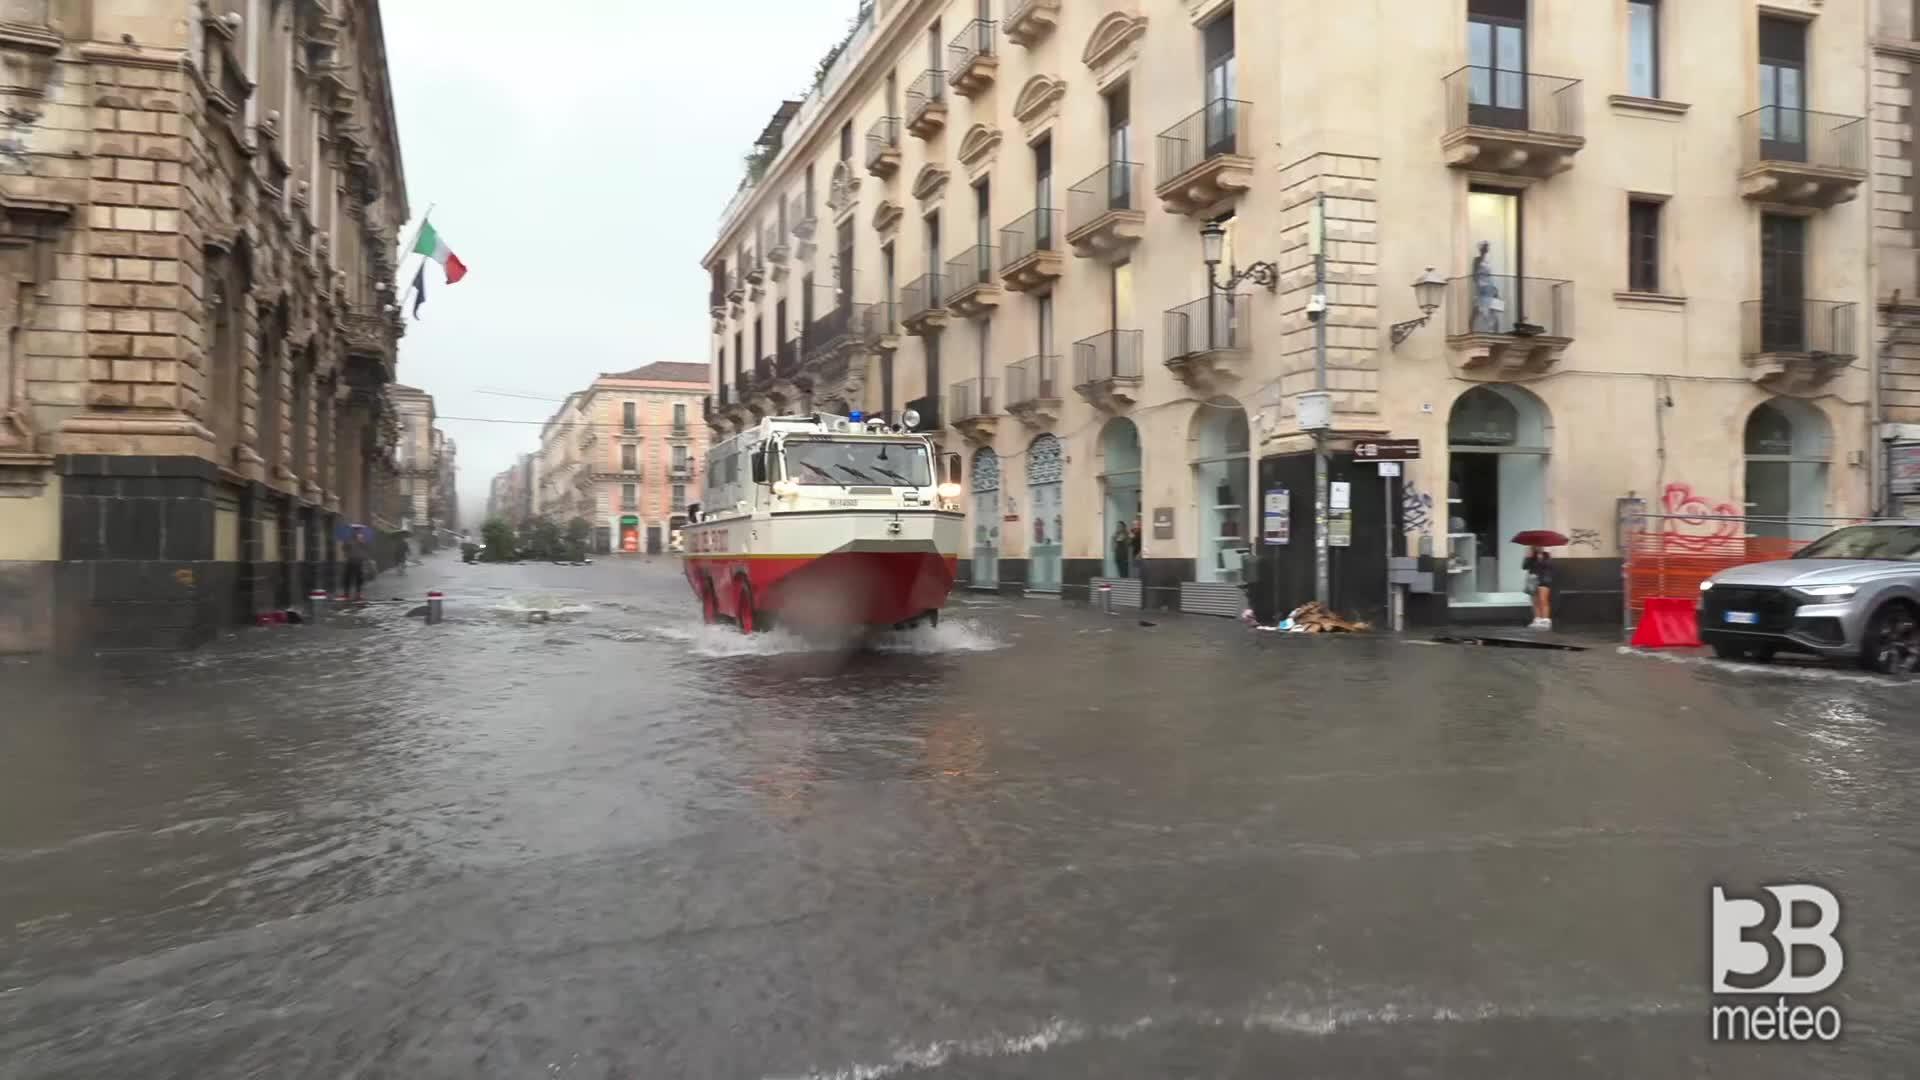 Alluvione a Catania: strade come fiumi in piena